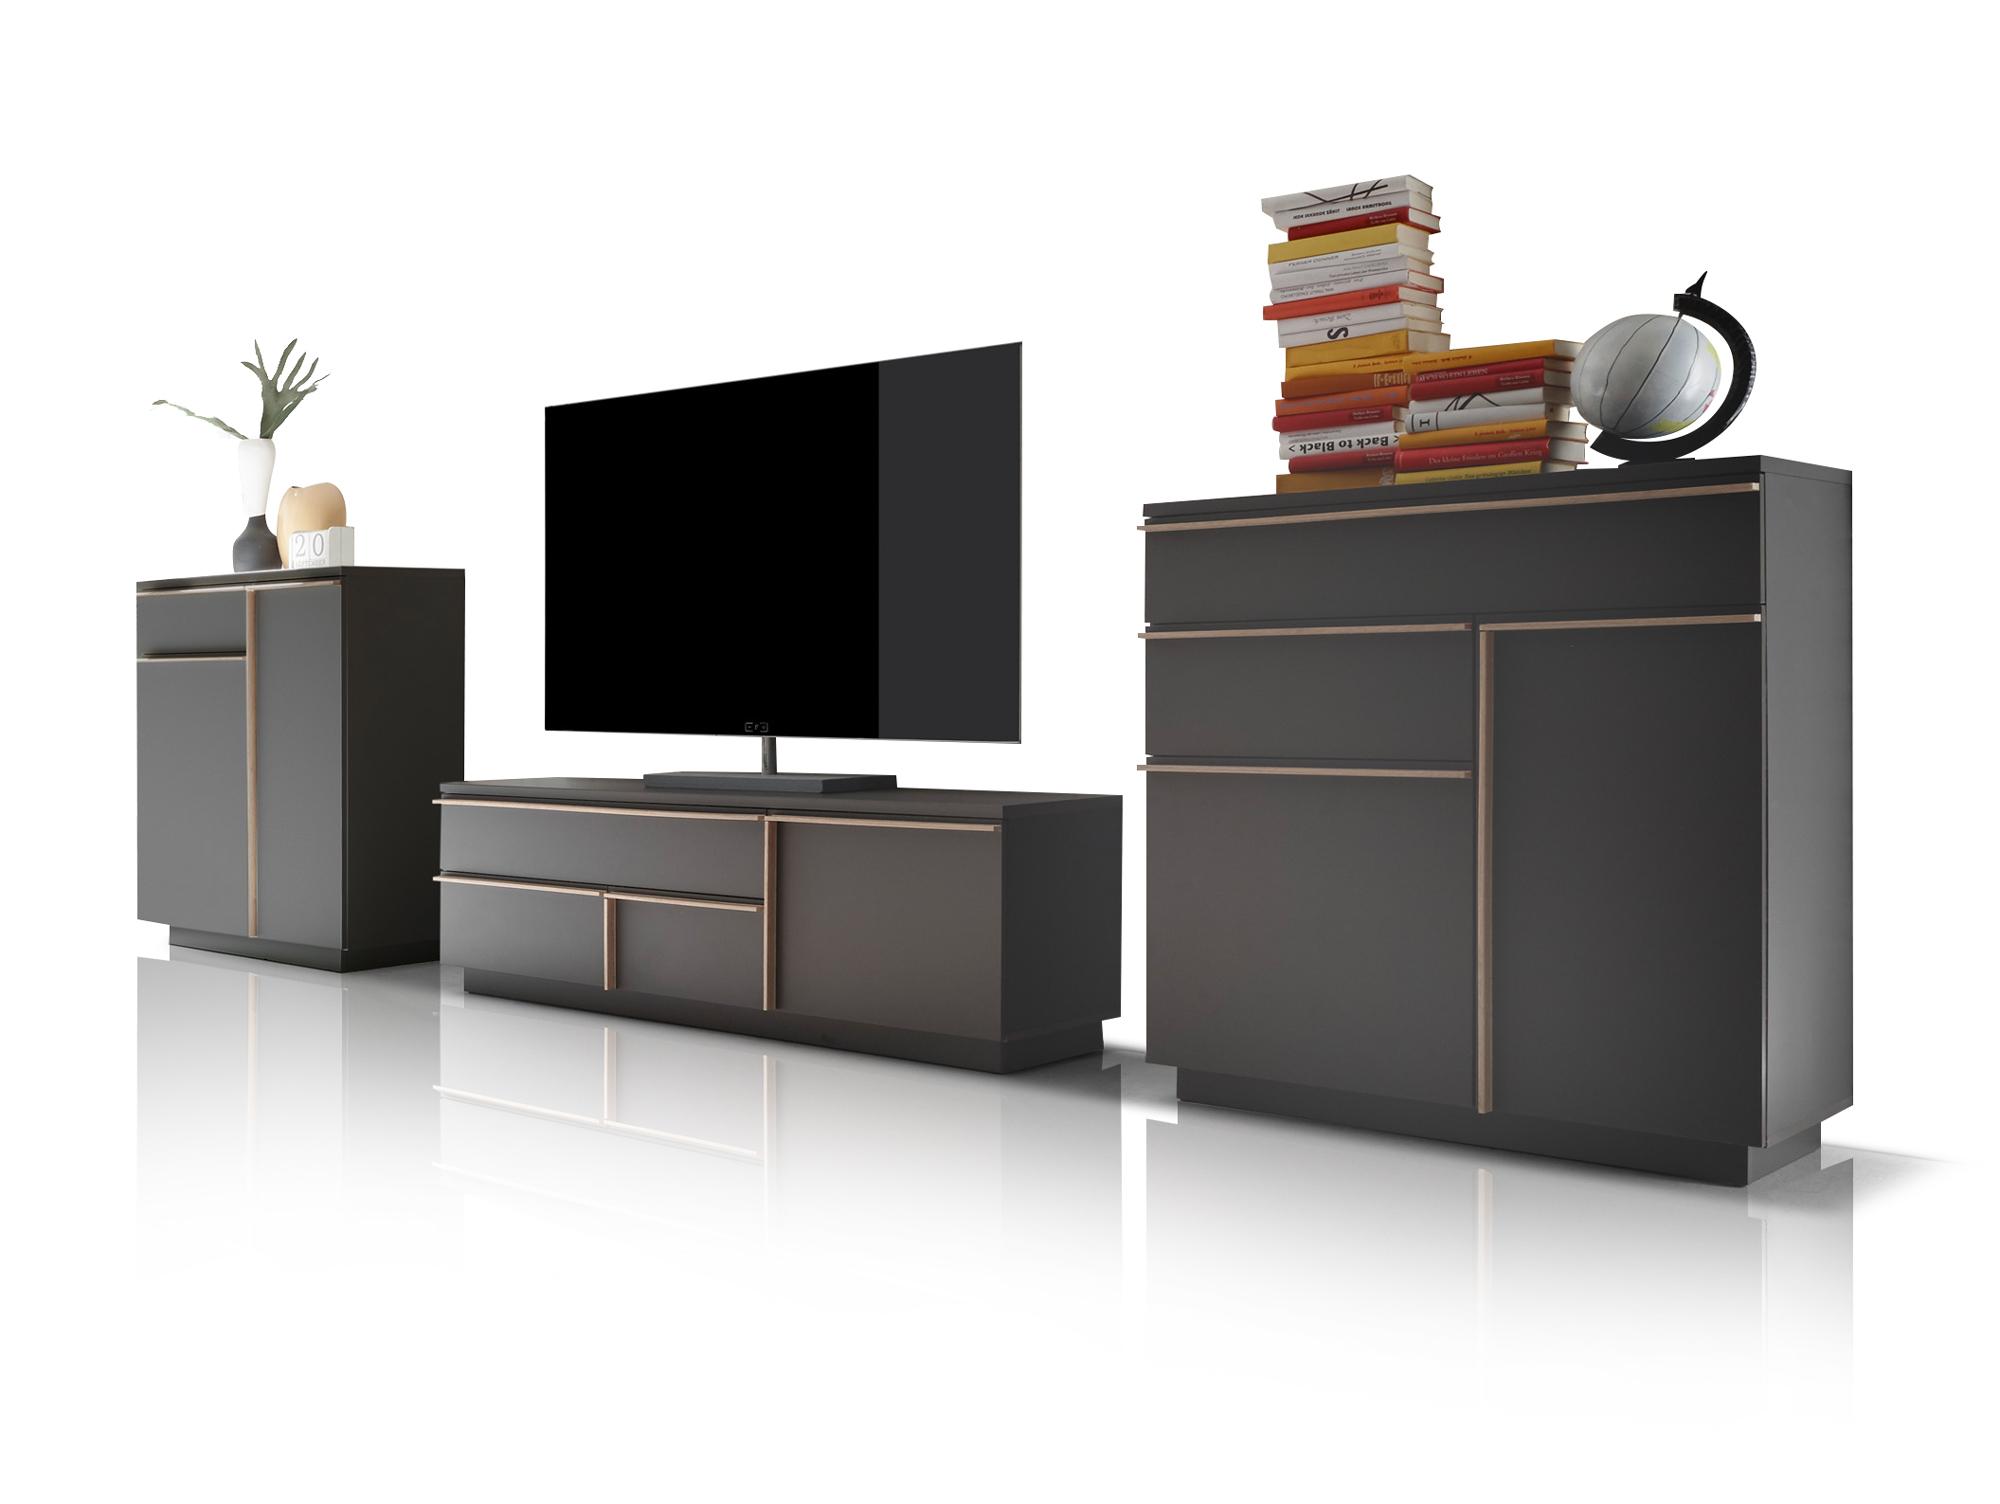 wohnwand sonoma eiche schwarz eigenschaften. Black Bedroom Furniture Sets. Home Design Ideas